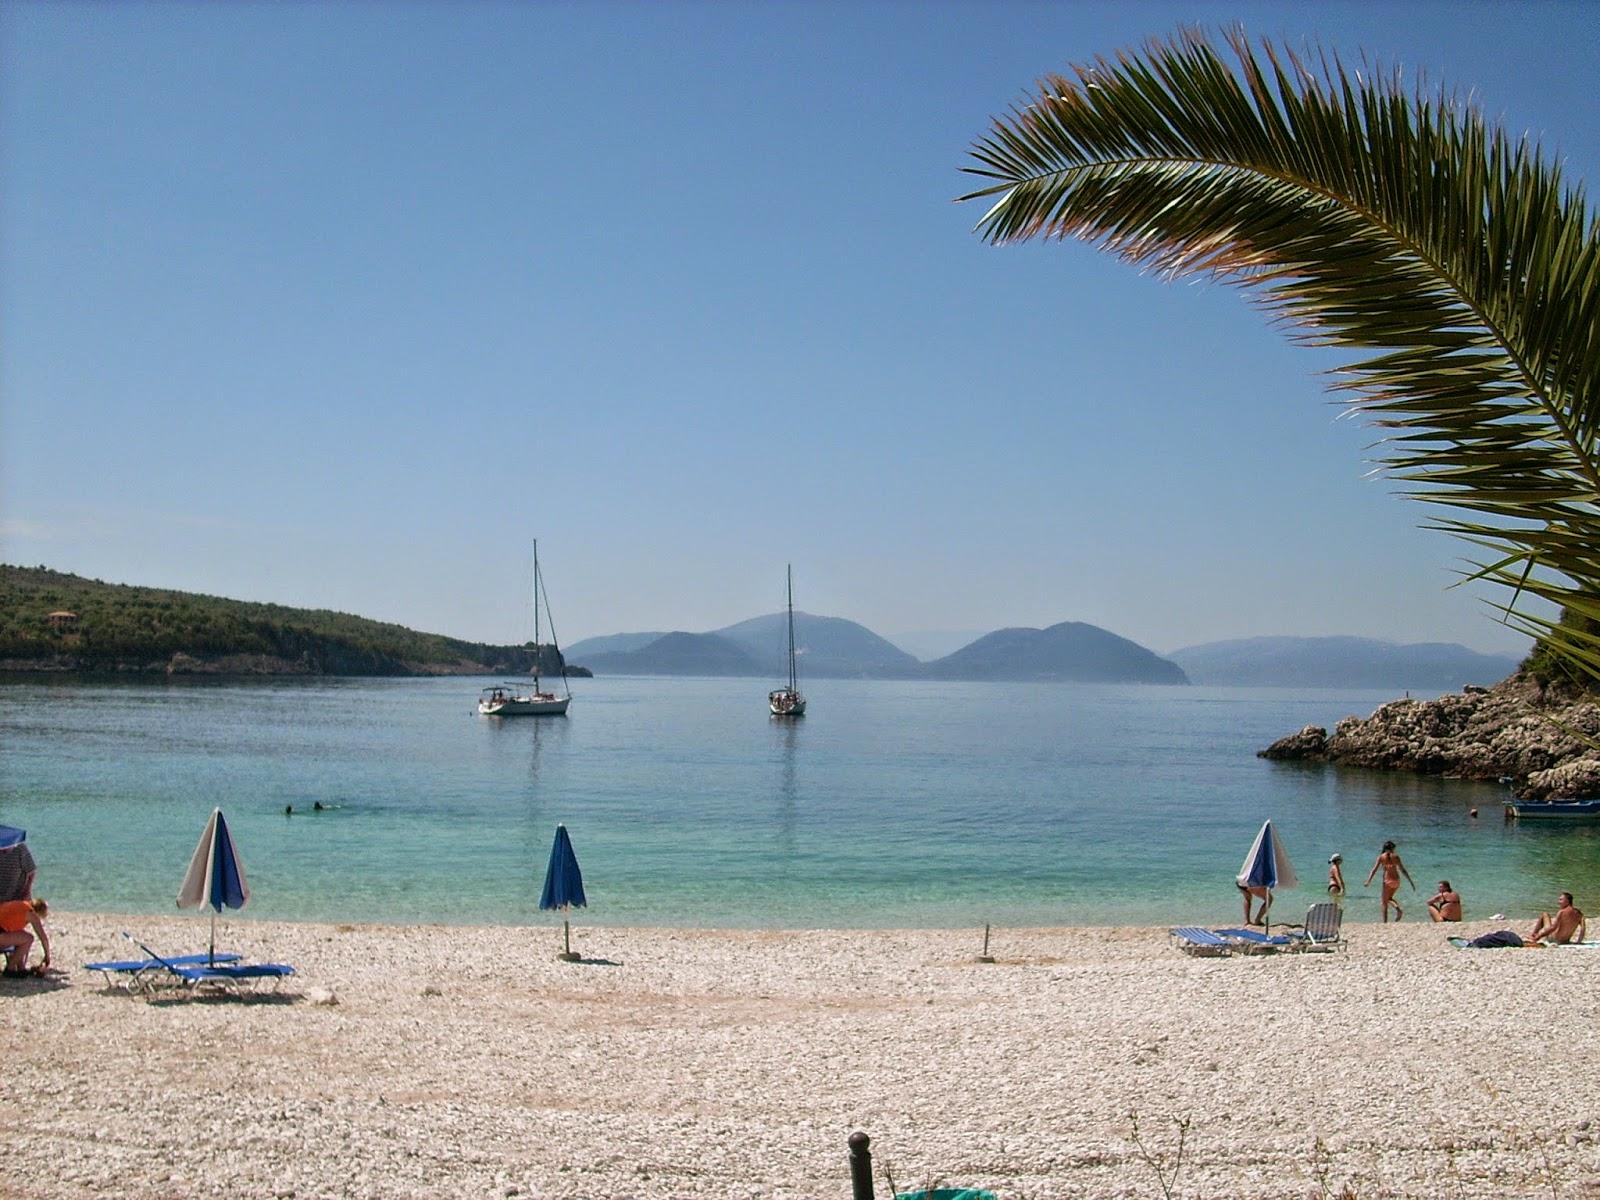 lefkada-beaches-amouso-beach-2